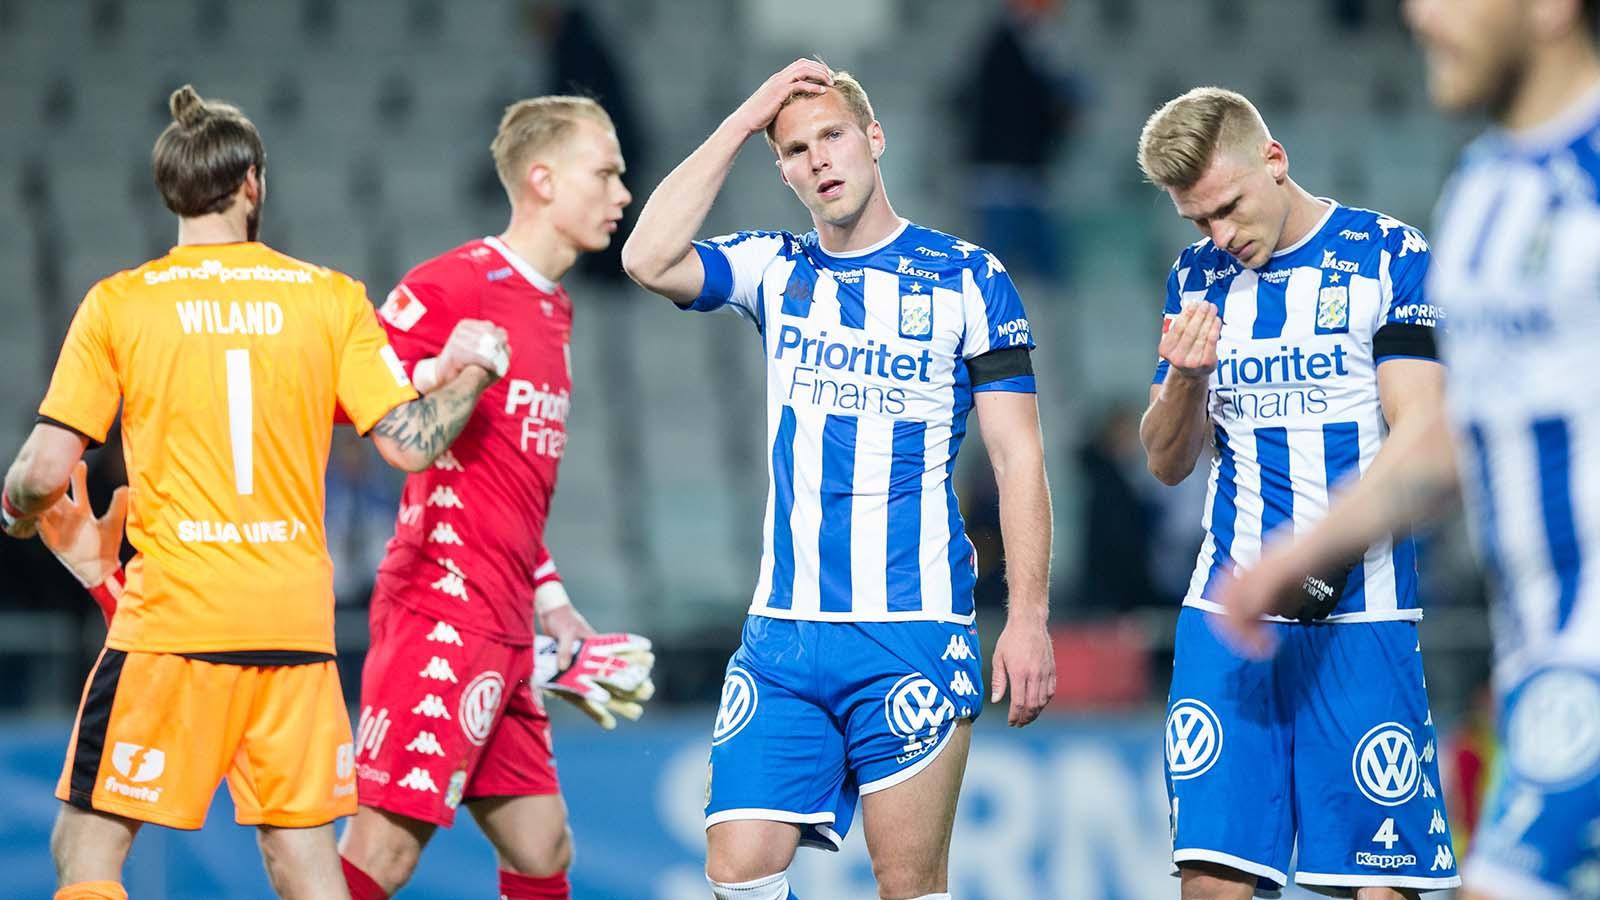 180410 IFK Göteborgs Gustav Engvall och Carl Starfelt deppar efter fotbollsmatchen i allsvenskan mellan IFK Göteborg och Hammarby den 10 april 2018 i Göteborg. Foto: Michael Erichsen / BILDBYRÅN / Cop 89